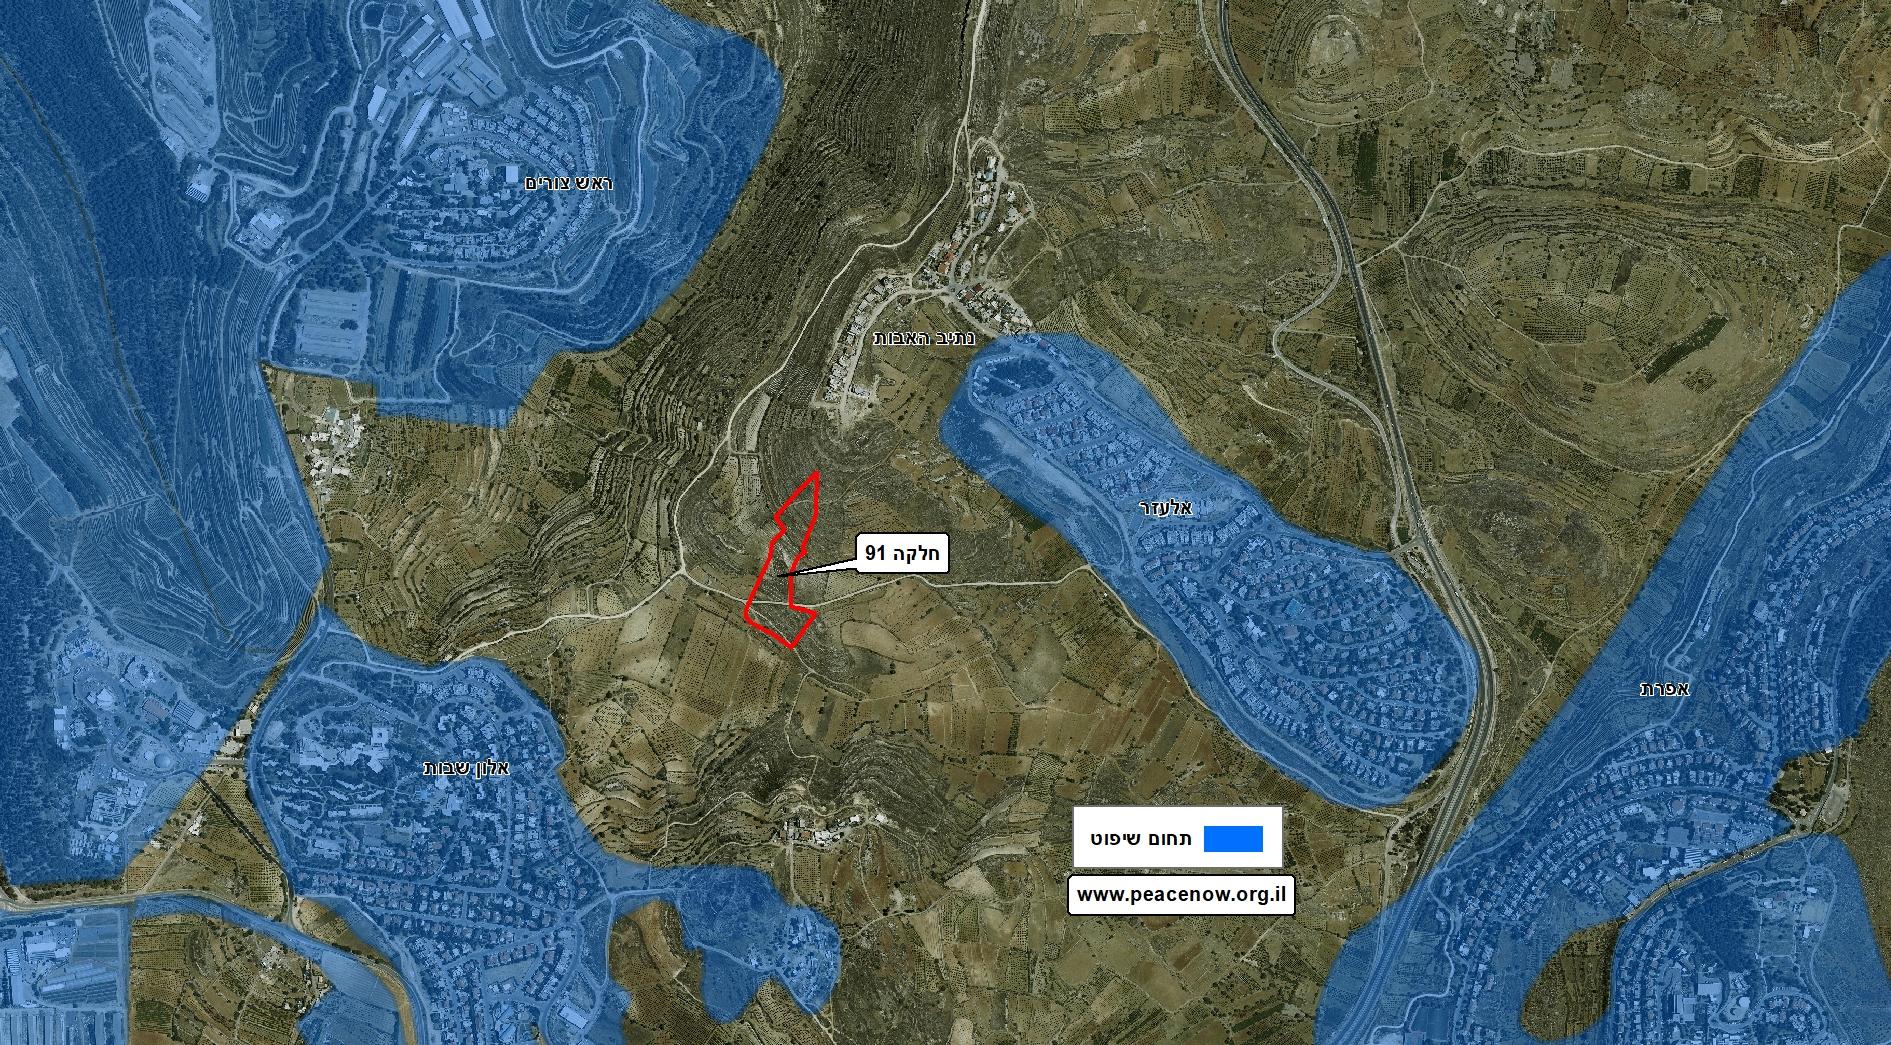 New Settlement for Netiv Haavot Parcel 91